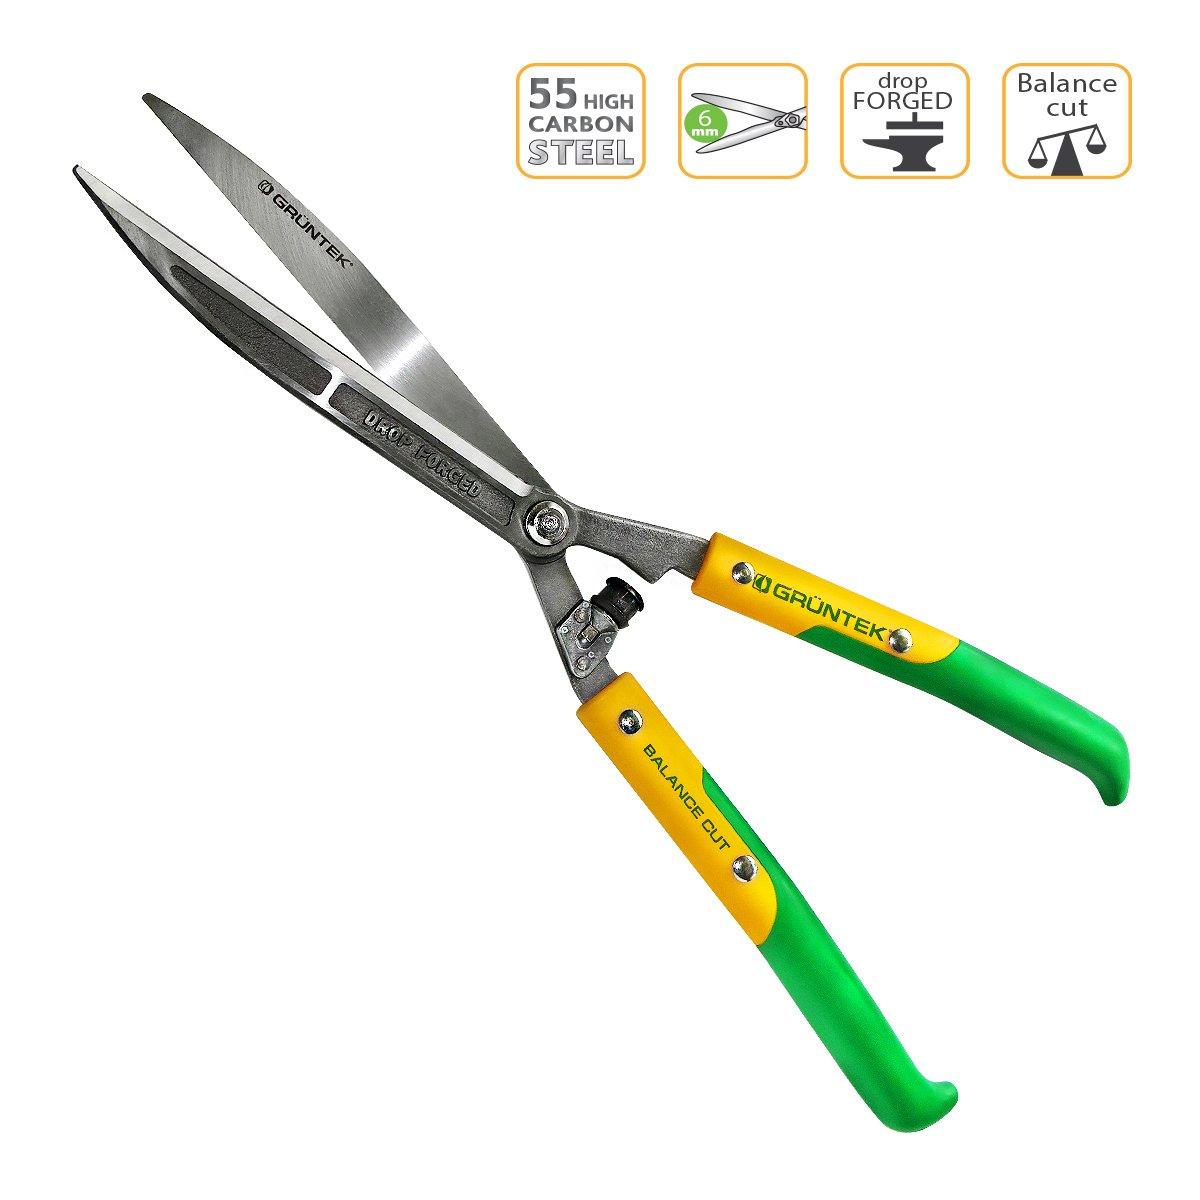 GR/ÜNTEK Cisailles /à Haie Forg/ée Cisailles de Jardin droits Q 23 // 600 mm Garantie de satisfaction 90 jours!